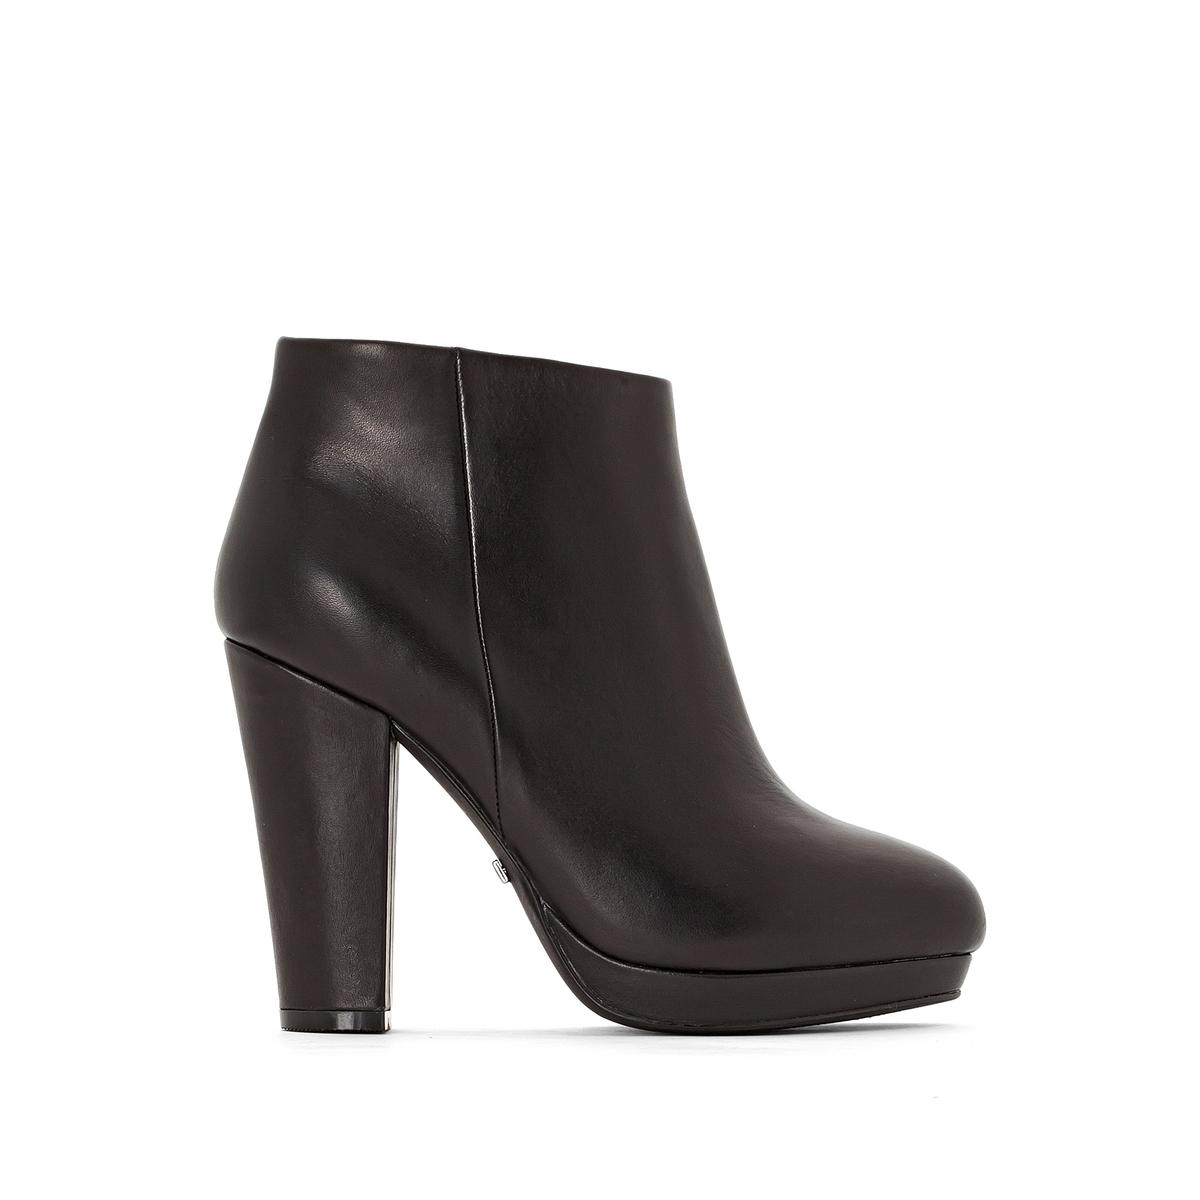 Ботильоны кожаные,10645LВерх/Голенище: Кожа.       Подкладка: Синтетика и текстиль.        Подошва: Синтетический материал.                  Высота каблука: 10 см.Форма каблука: Широкая.  Мысок: Круглый. Застежка: На молнию.<br><br>Цвет: черный